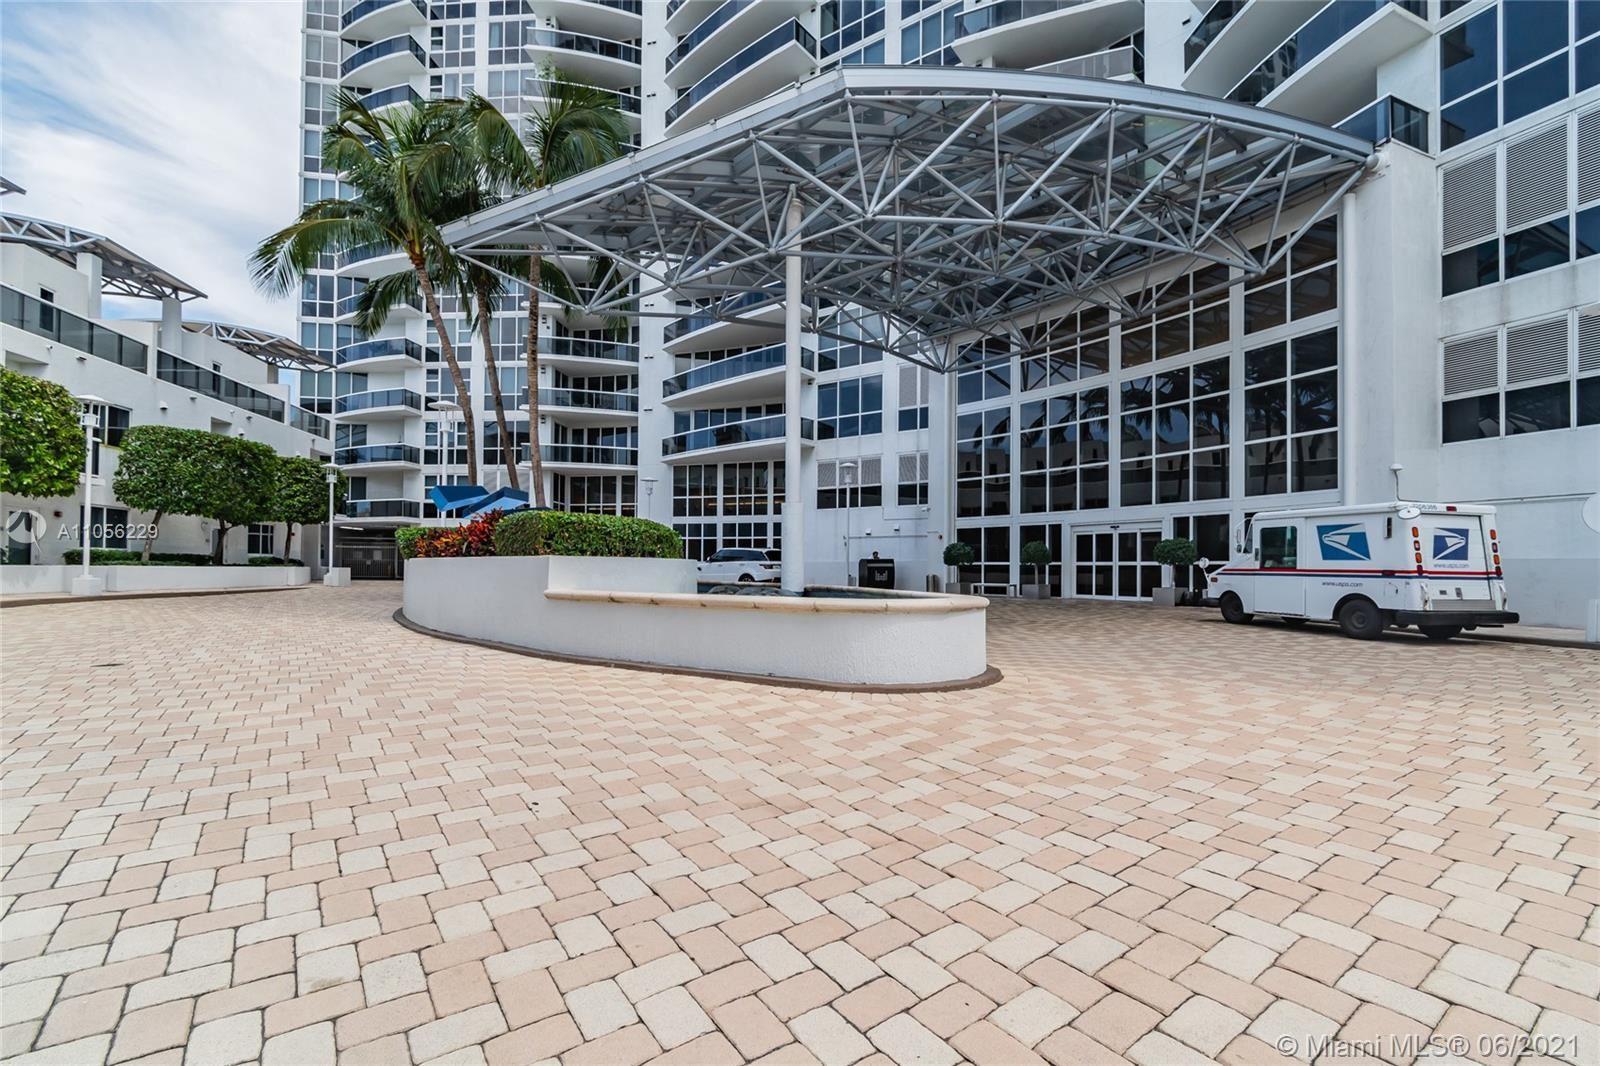 400 Alton Rd #605, Miami Beach, FL 33139 - #: A11056229